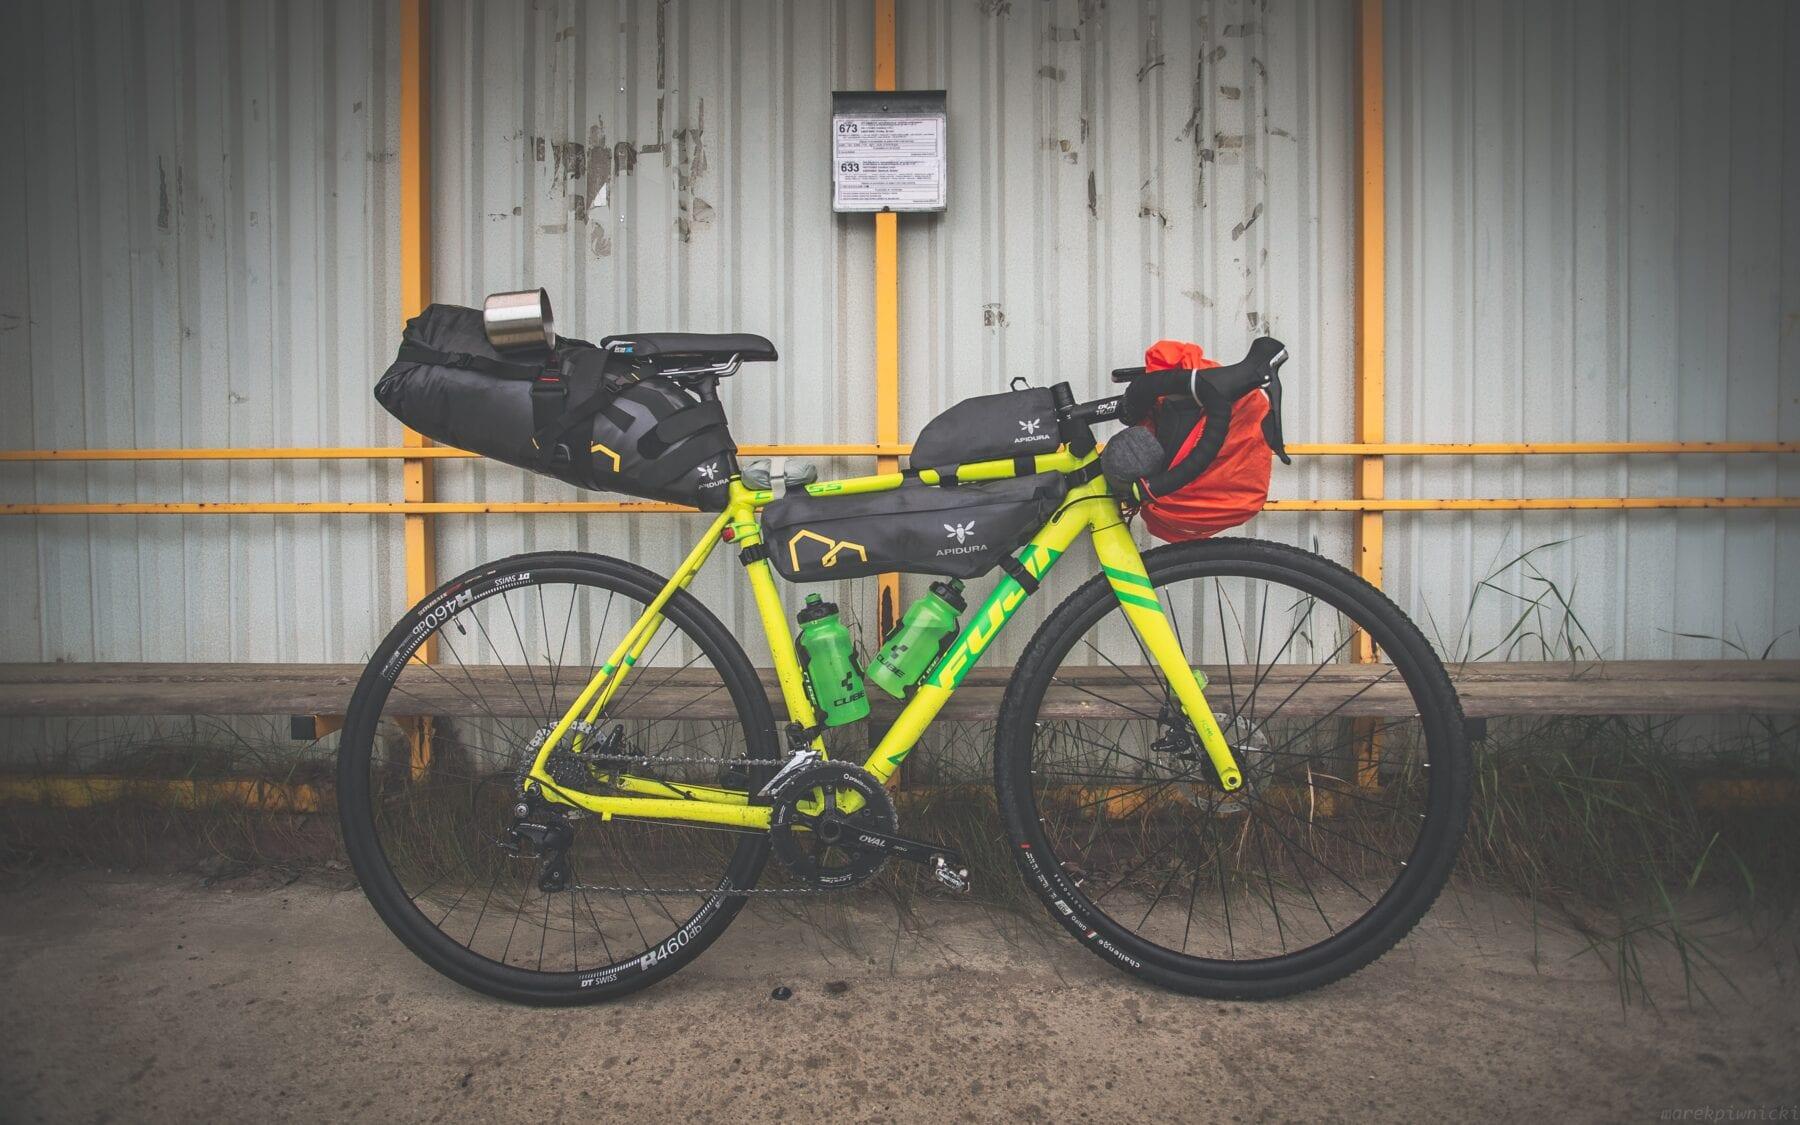 bikepacken uitrusting